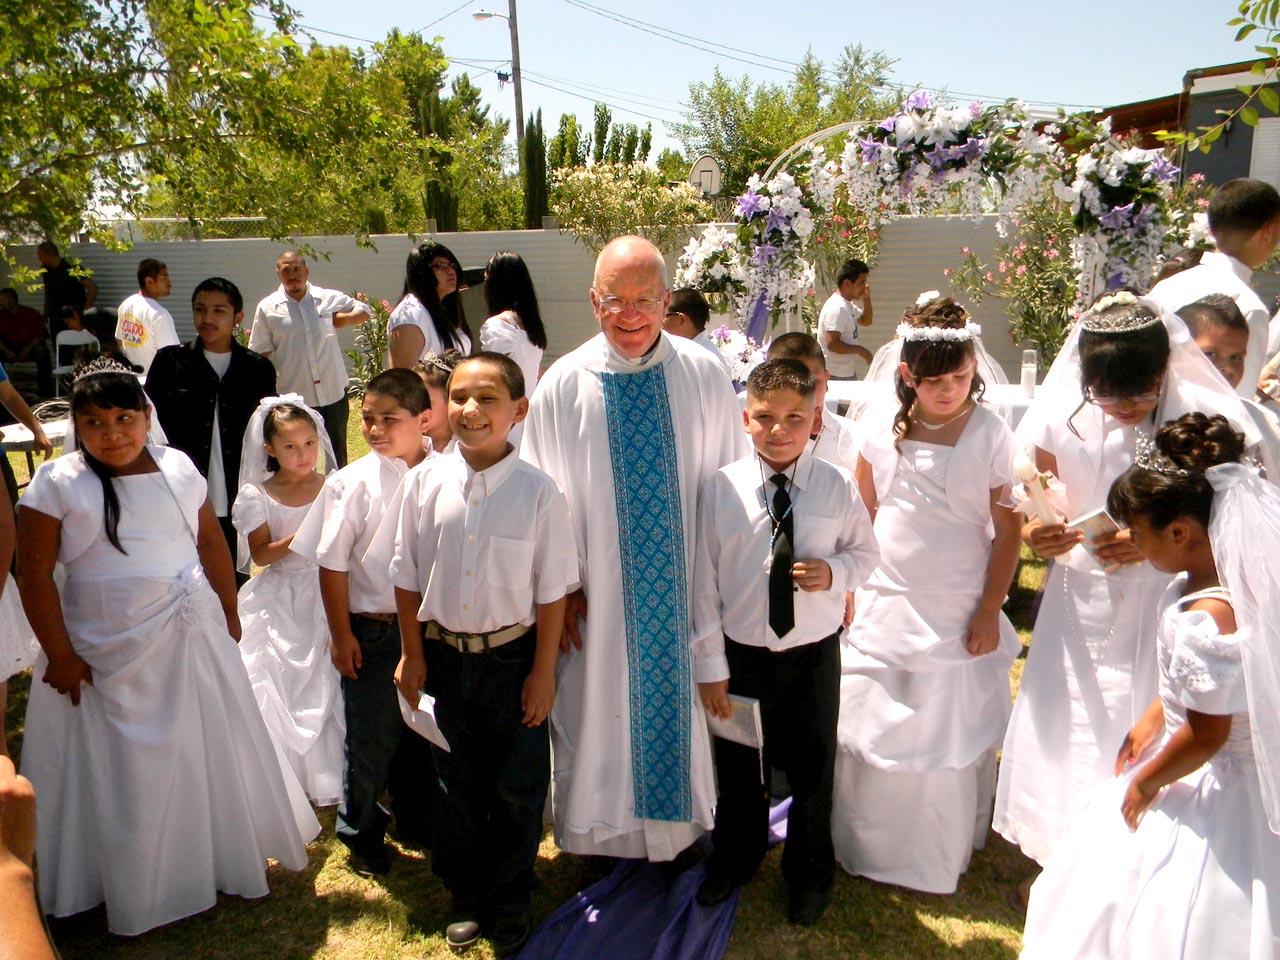 Participation in the Eucharist today / Participación en la eucaristía hoy